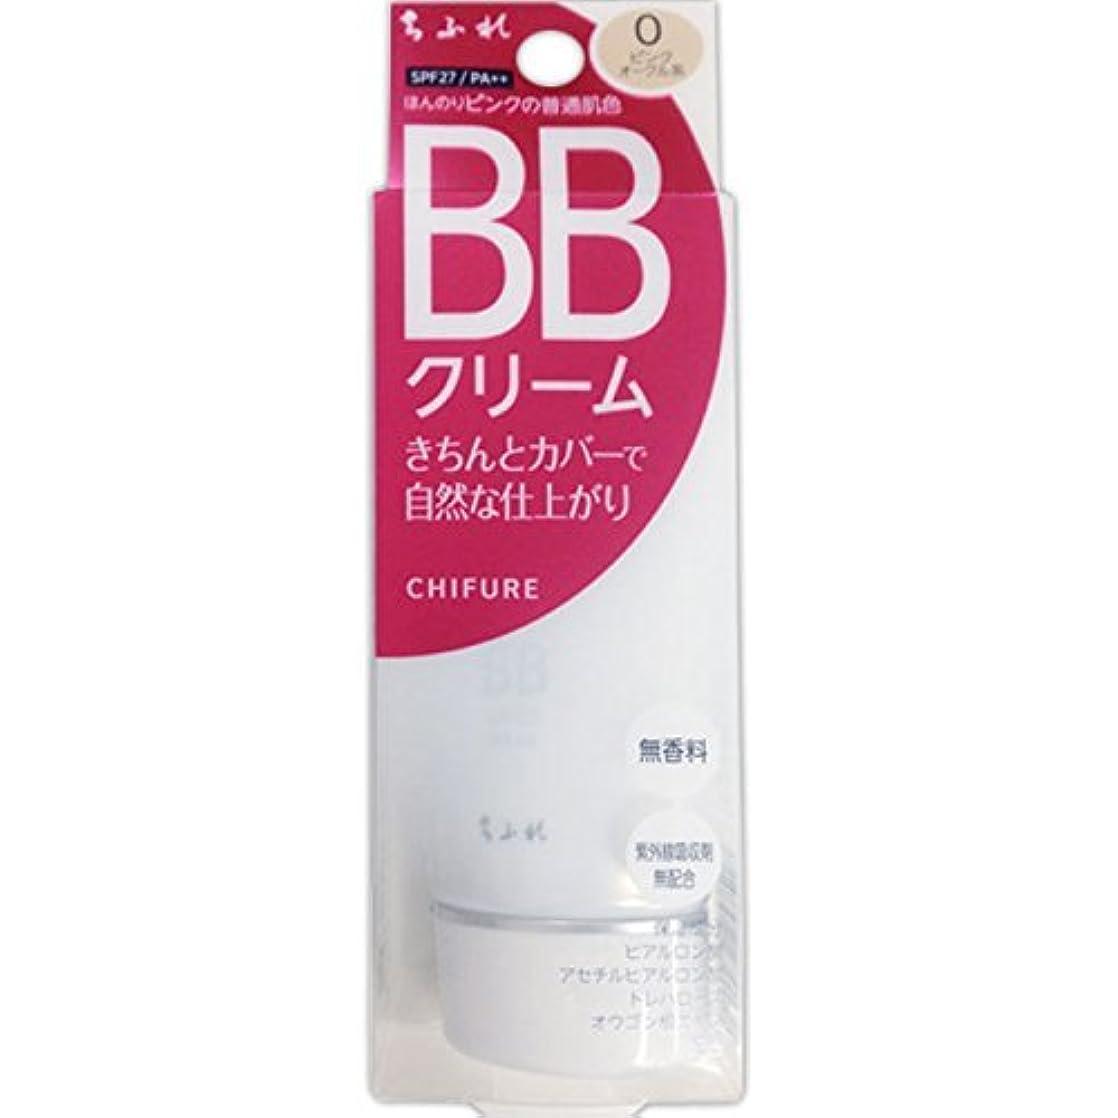 ちふれ化粧品 BB クリーム ほんのりピンクの普通肌色 0